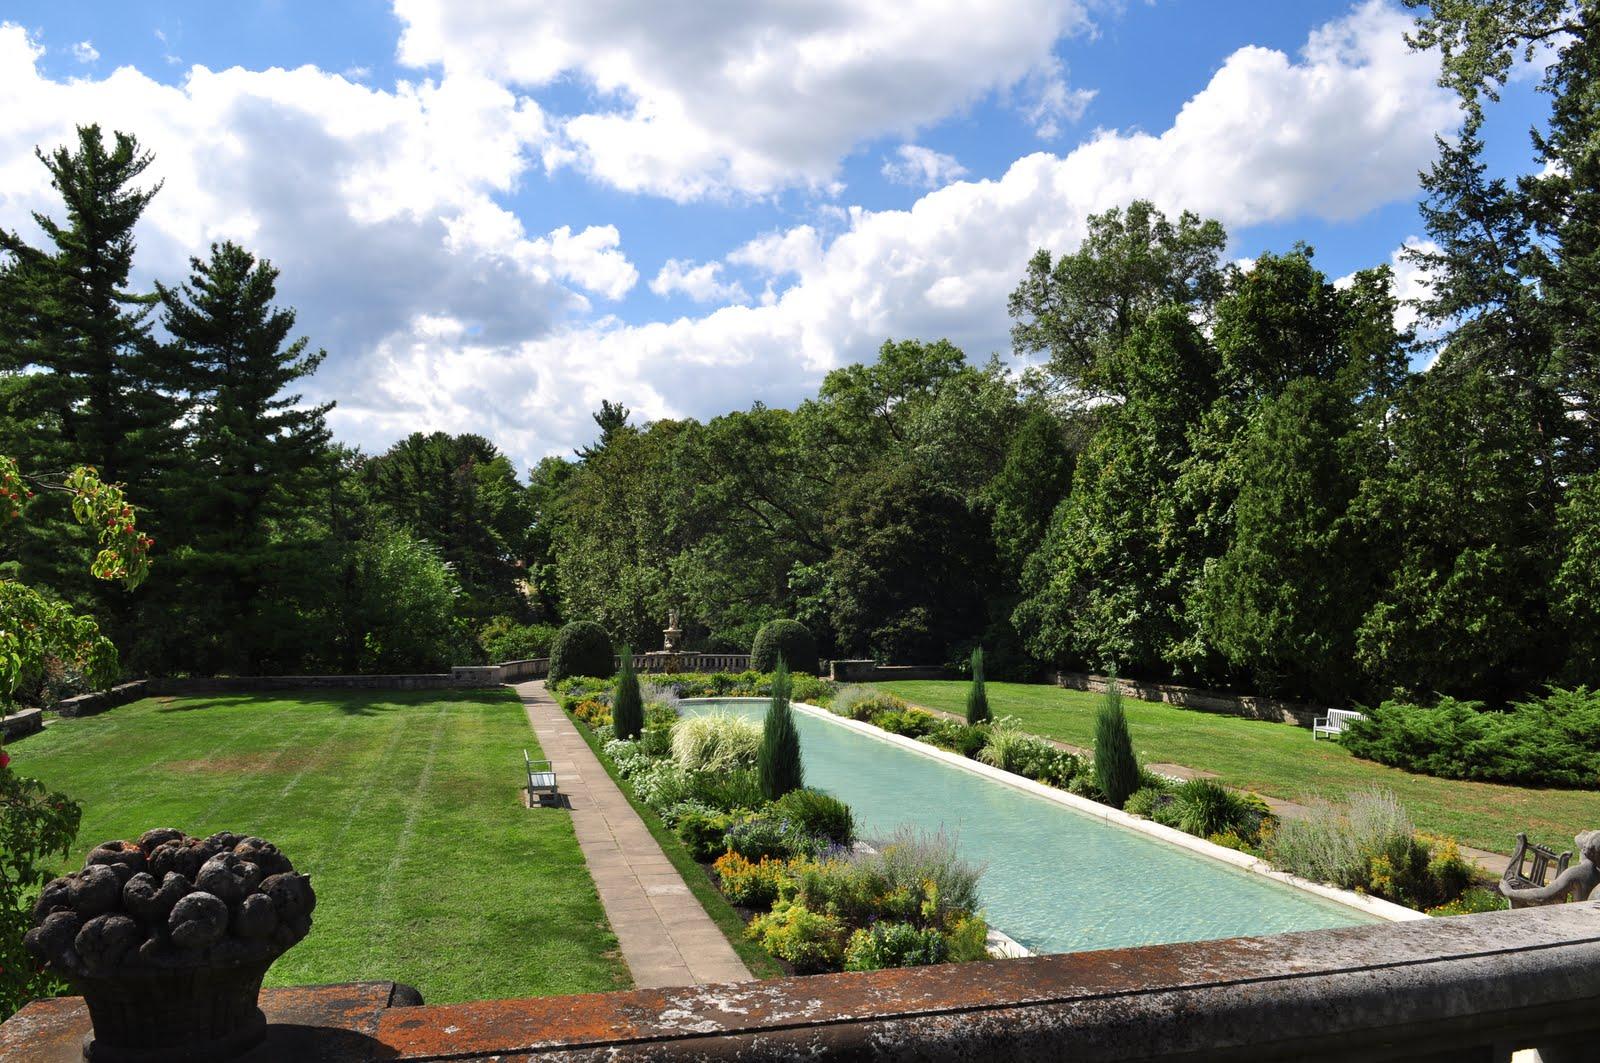 Kensho Studio: Cranbrook House and Gardens